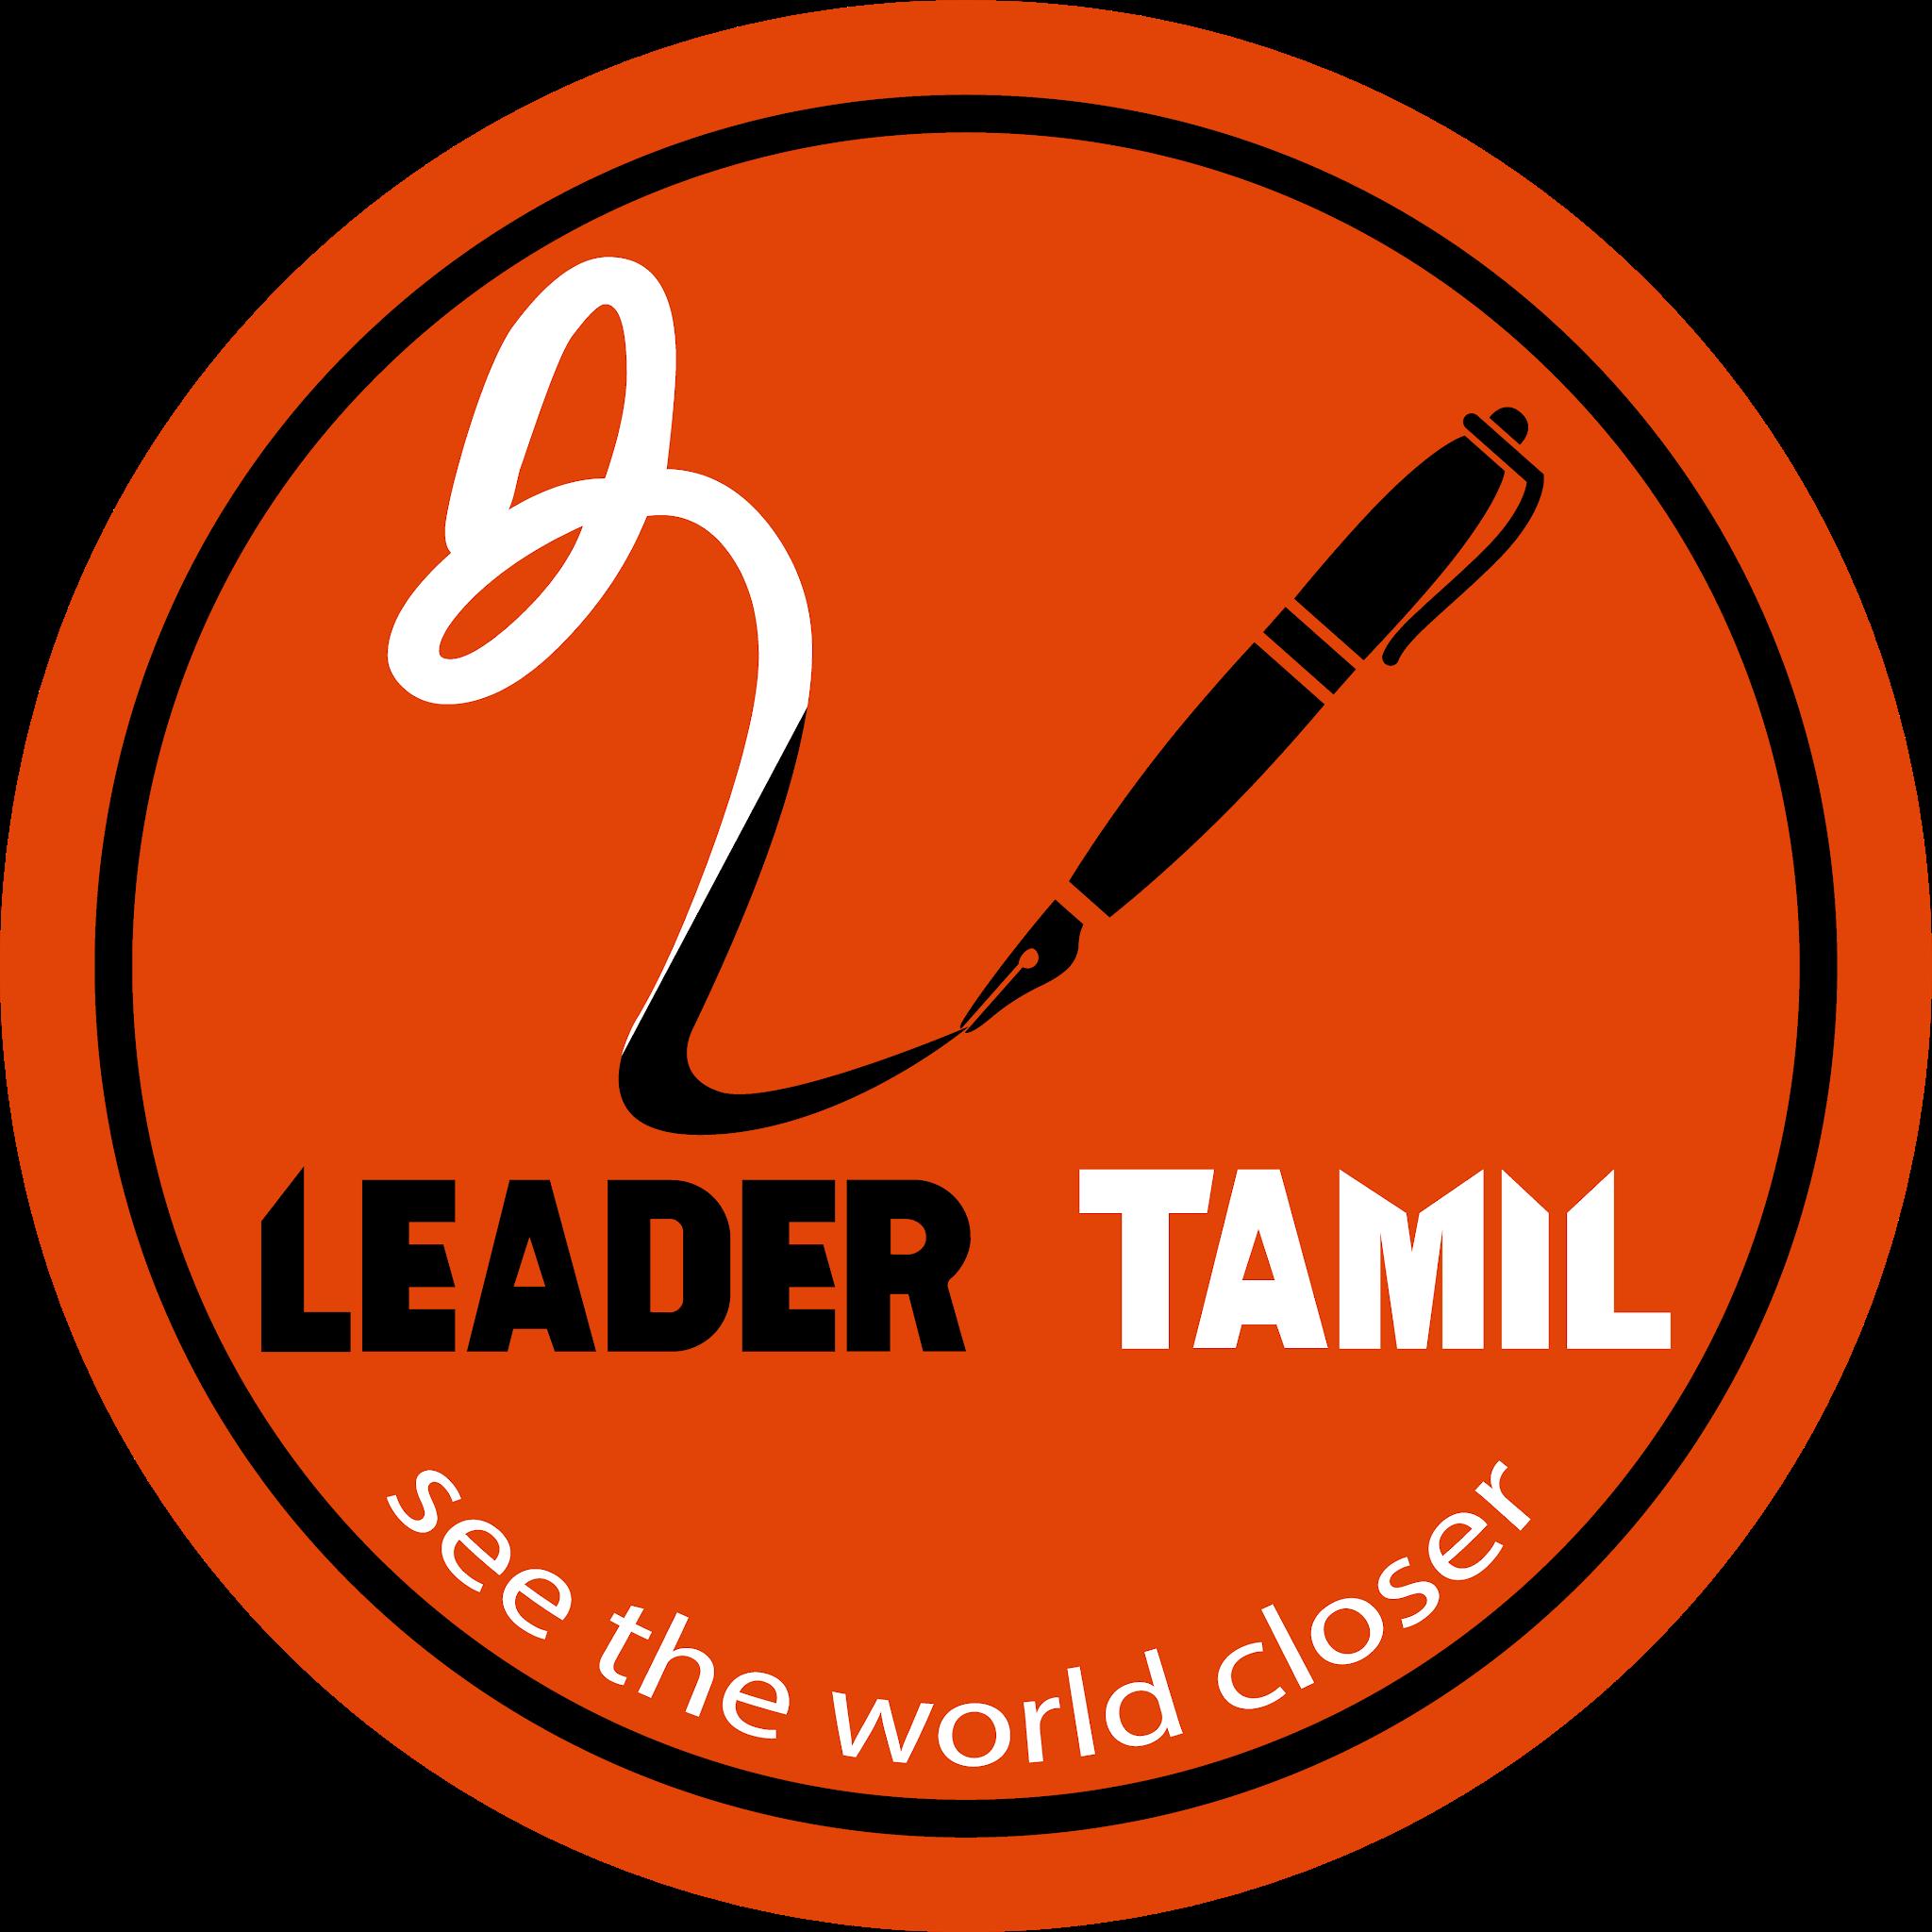 Leader Tamil News Logo